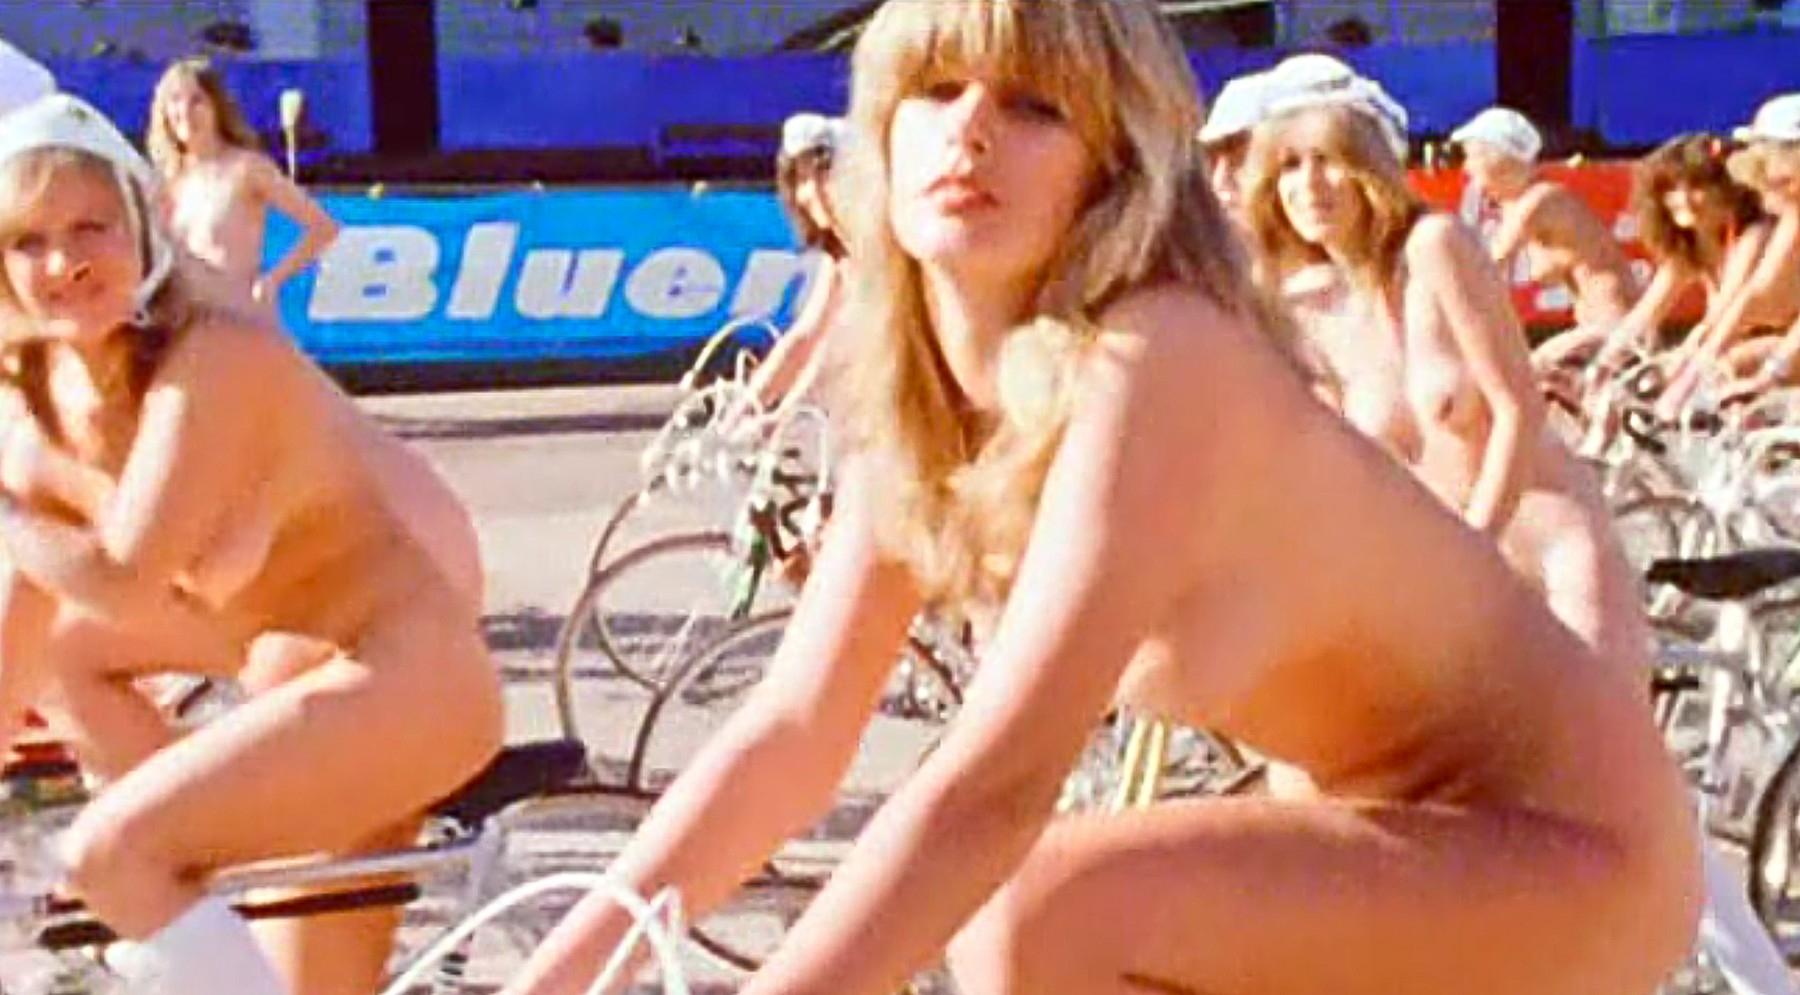 Videoklip k songu Bicycle Race představoval pro tehdejší Anglii hodně kontroverzní téma. Foto: profimedia